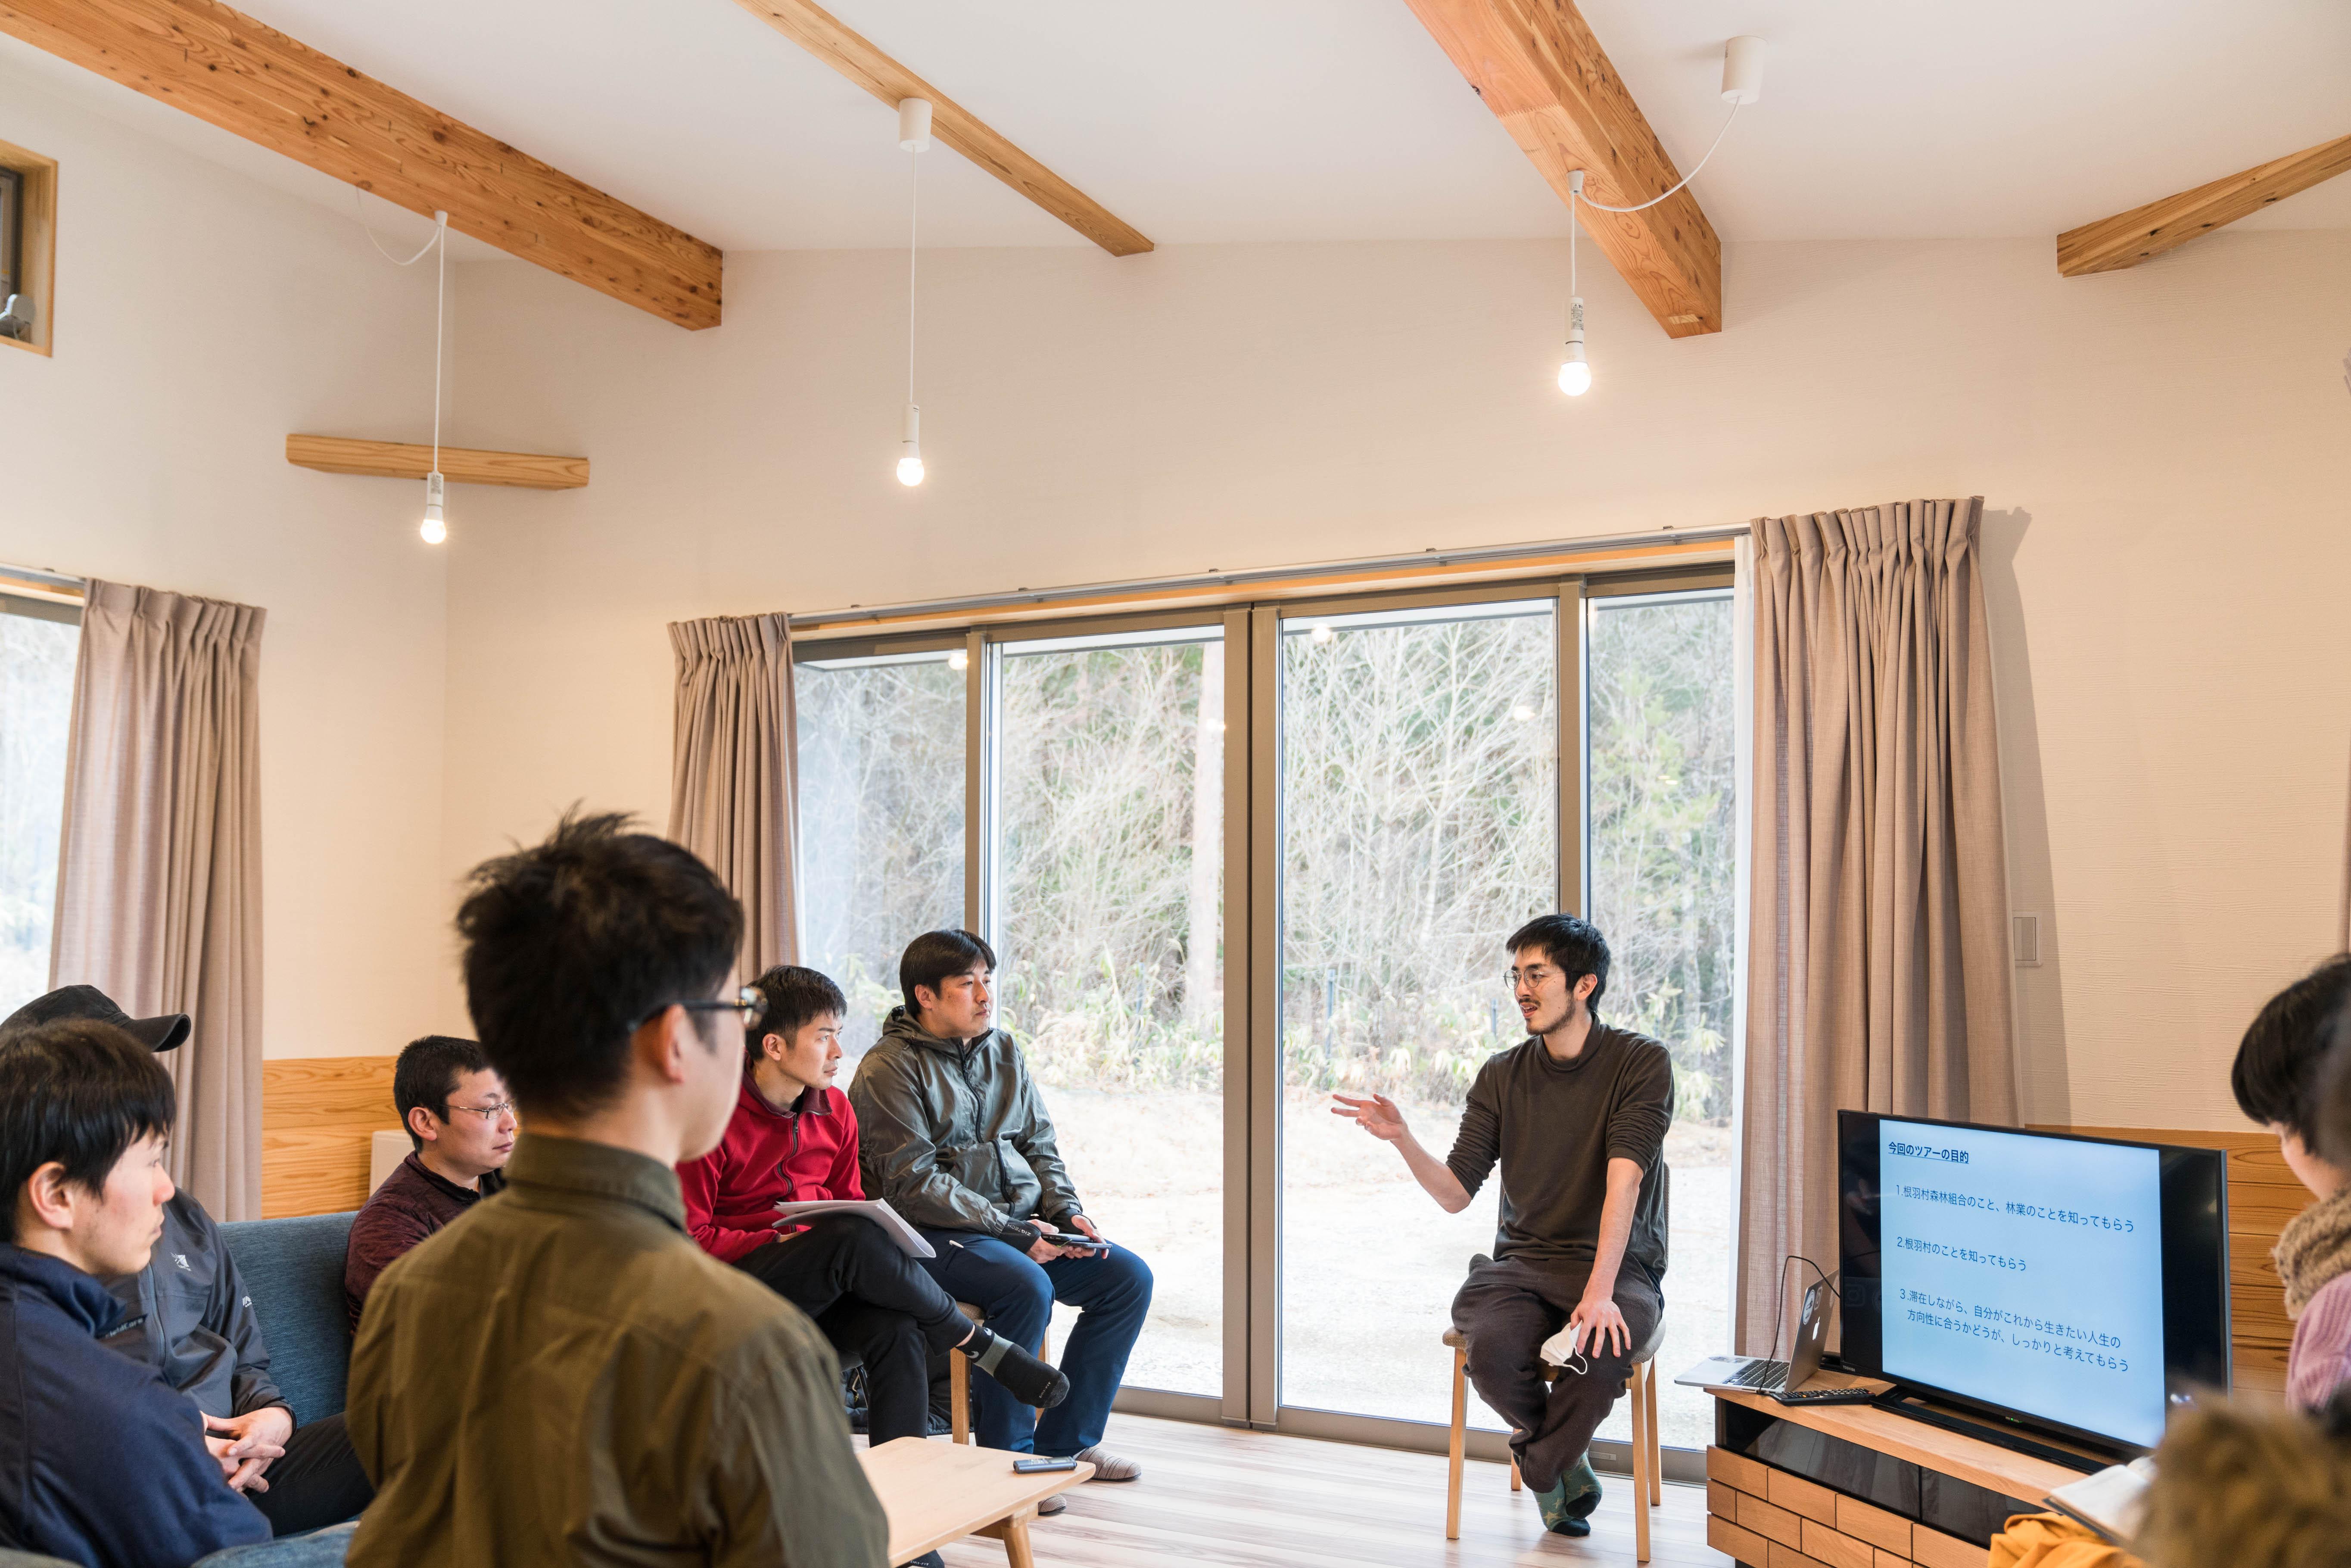 中央で話すのは、今回の呼びかけ人である杉山泰彦さん。地域おこし企業人/プロデューサーとして東京から家族とともに根羽村に移住。通称マギーさん。